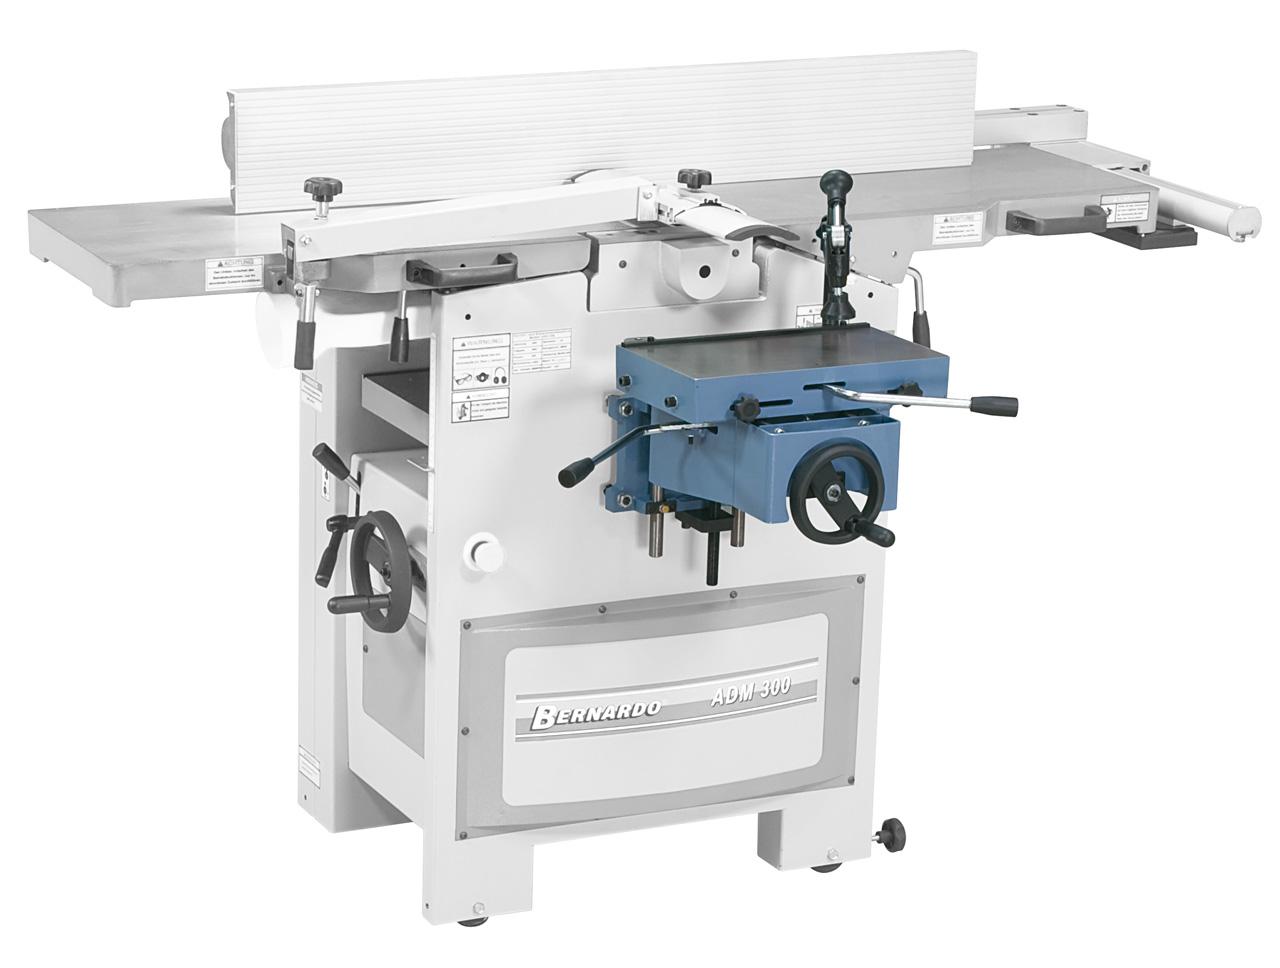 Urządzenie wiercące - dłutarka do ADM 300 / ADM 300 V BERNARDO